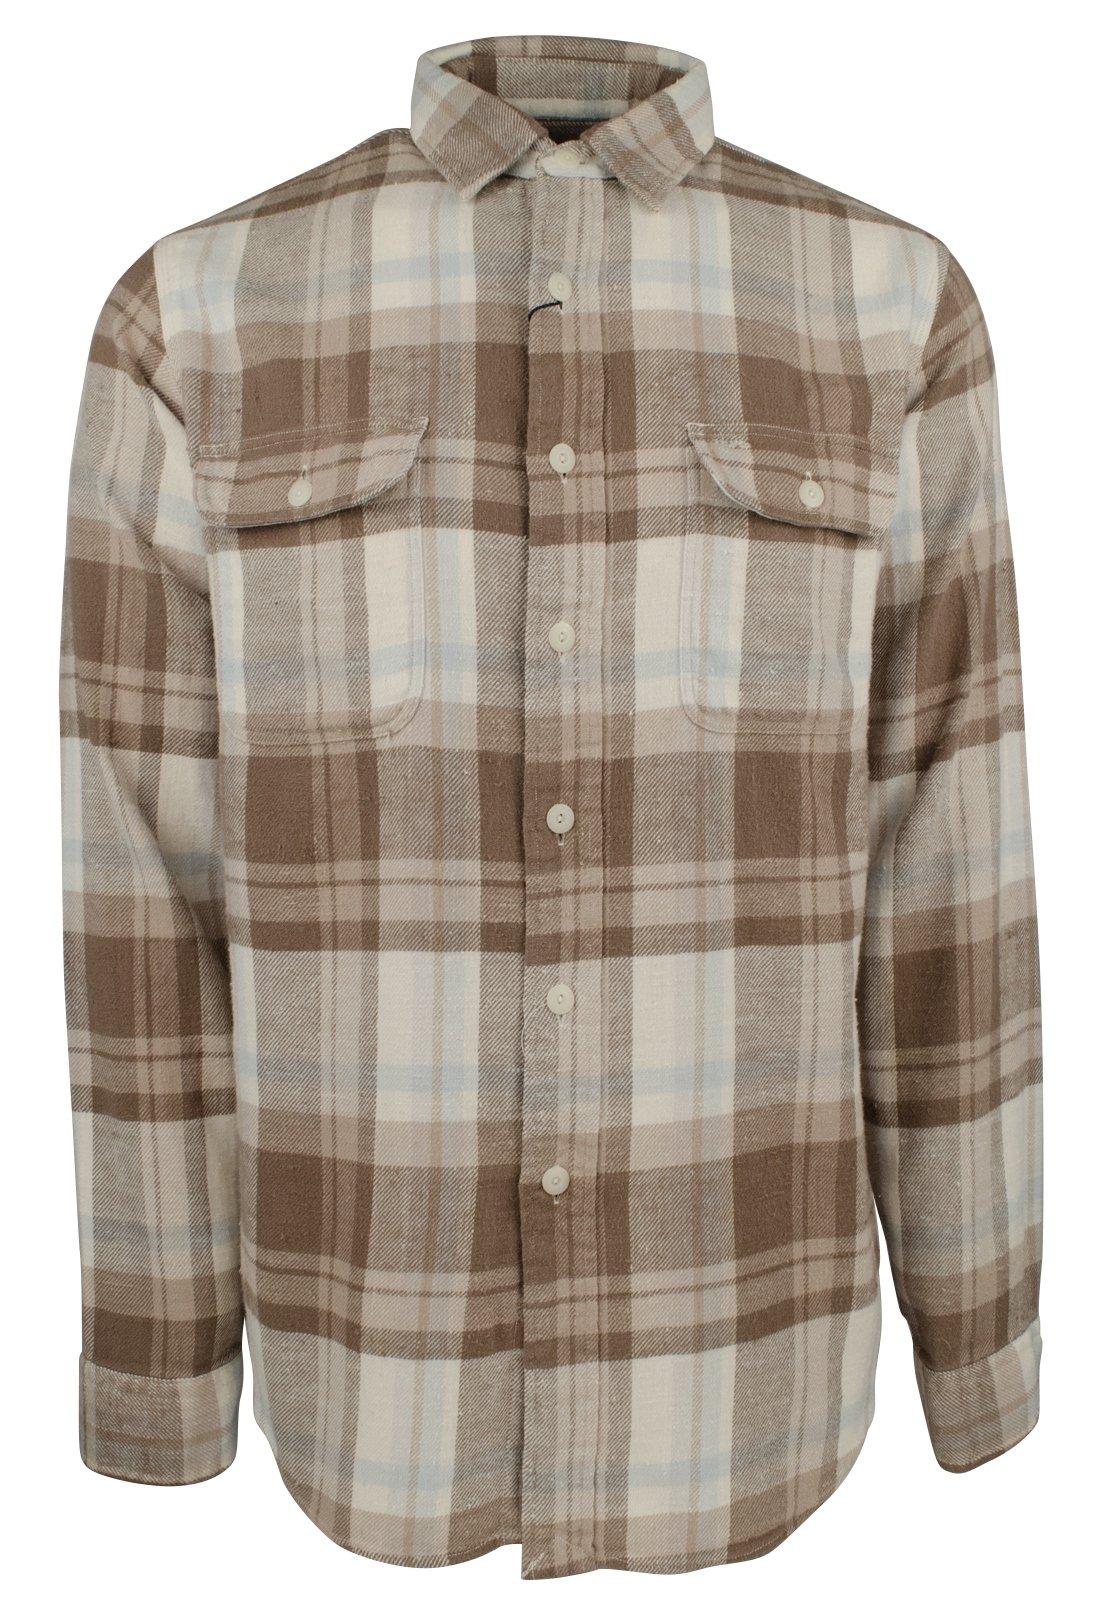 RALPH LAUREN Polo Men's Classic Fit Cotton Workshirt-BC-XL